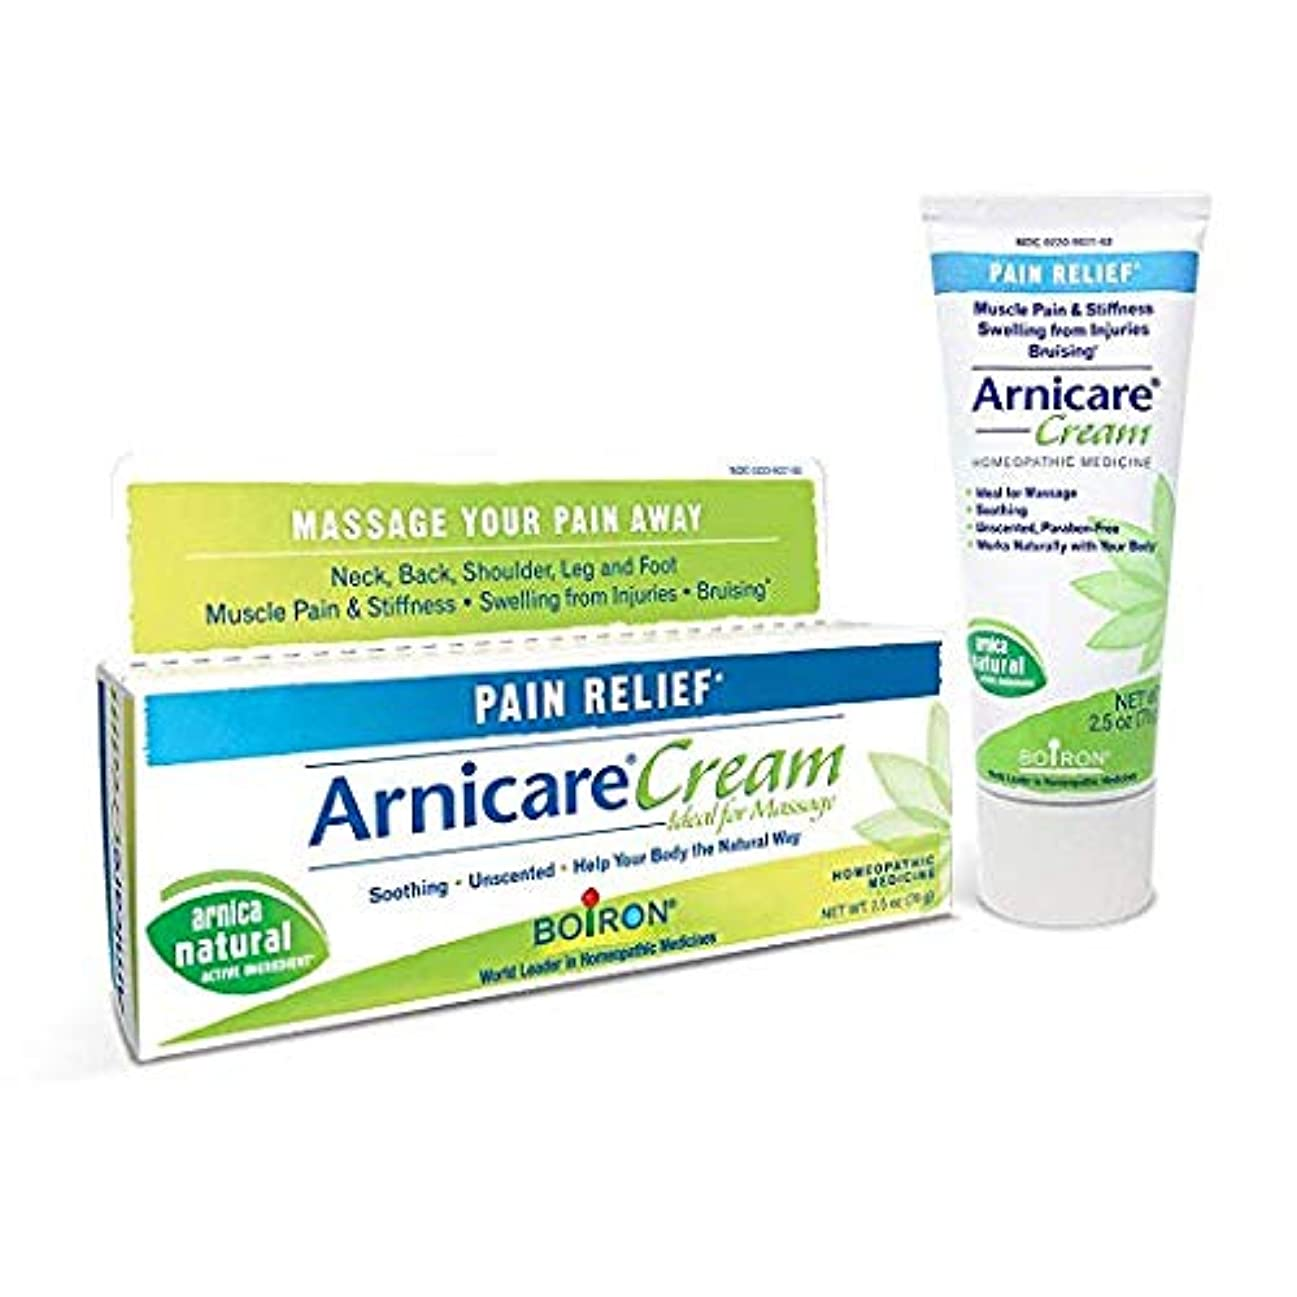 着替えるどこにでもテセウスボイロン アルニカクリーム Boiron Arnicare Cream 2.5 Ounces Topical Pain Relief Cream [並行輸入品]